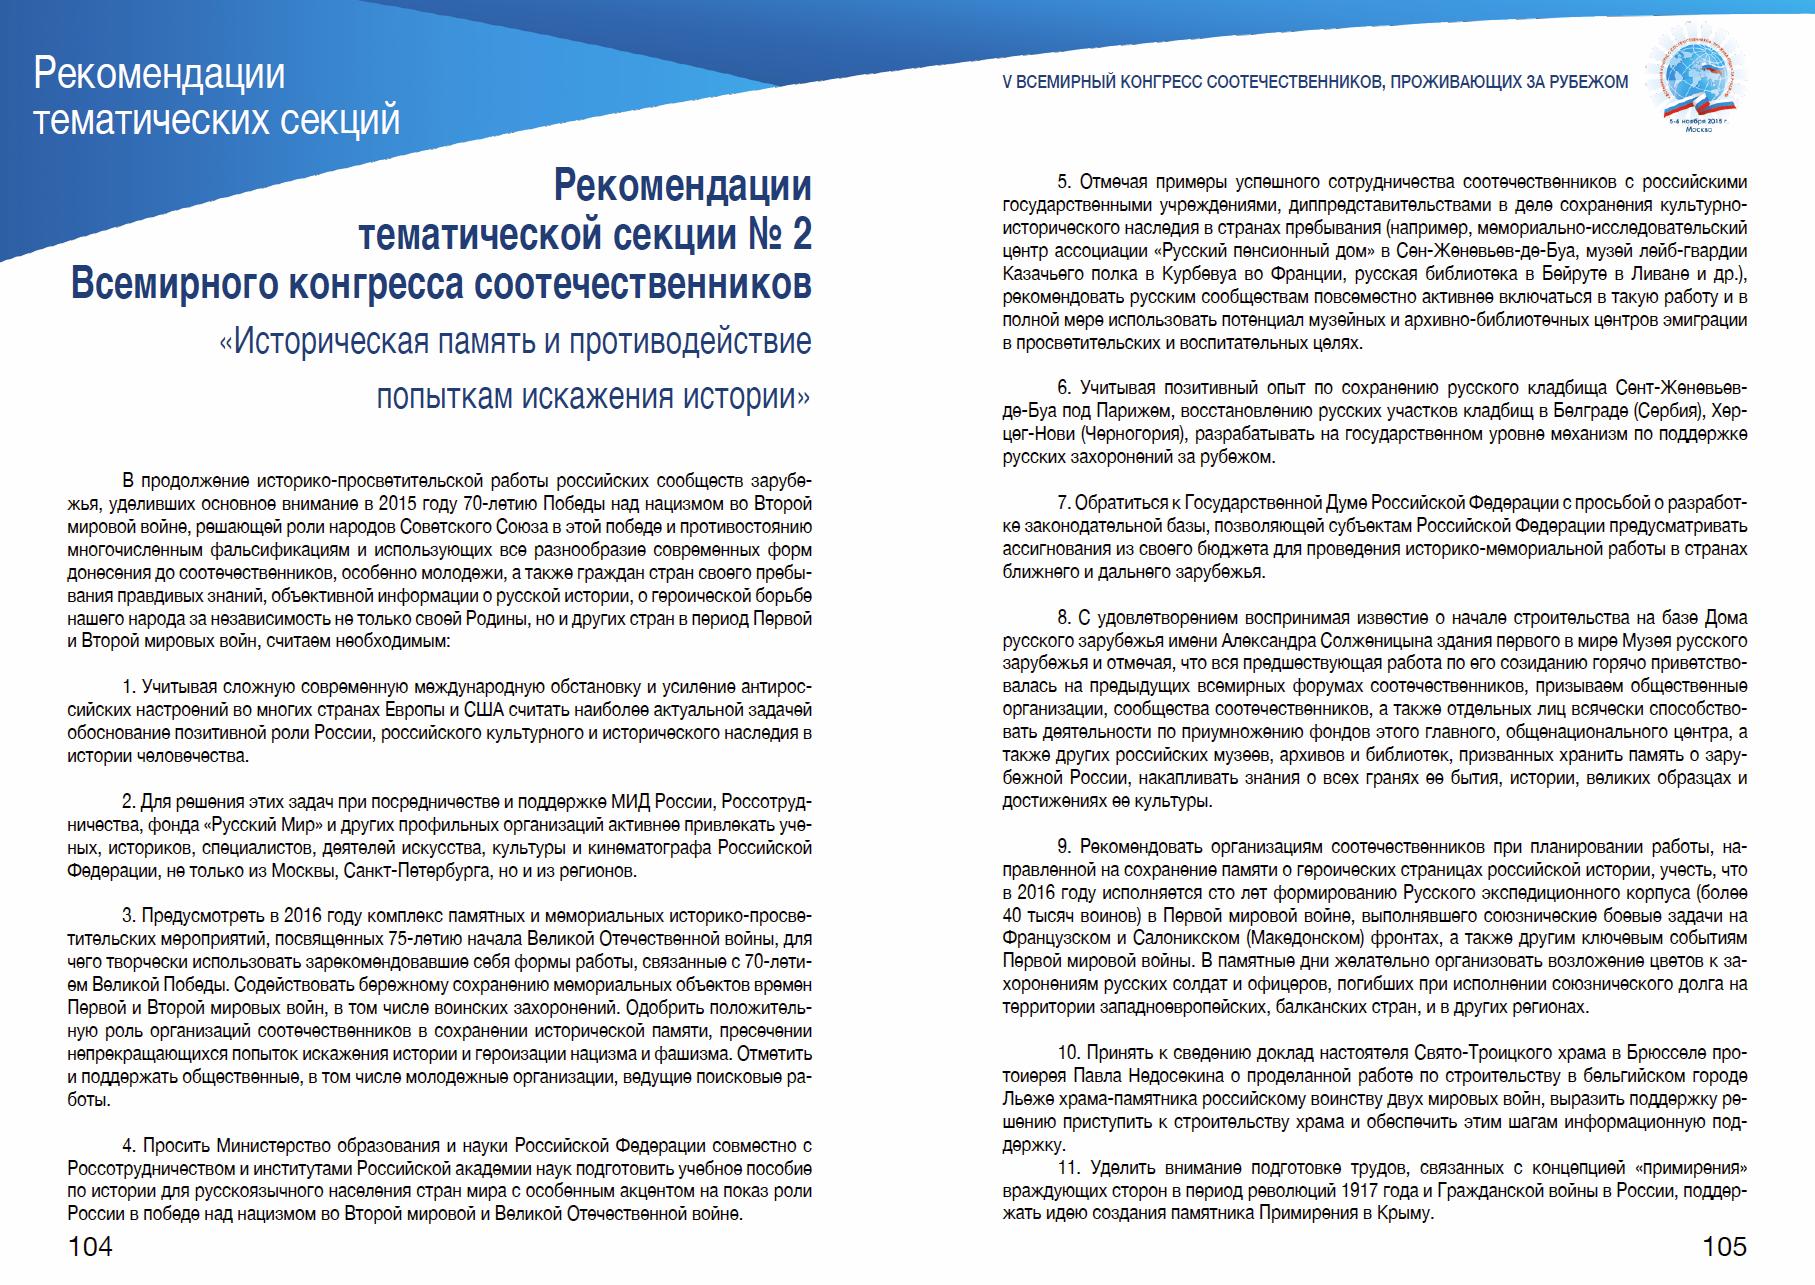 Рекомендации тематической секции № 2 Всемирного конгресса соотечественников «Историческая память и противодействие попыткам искажения истории»